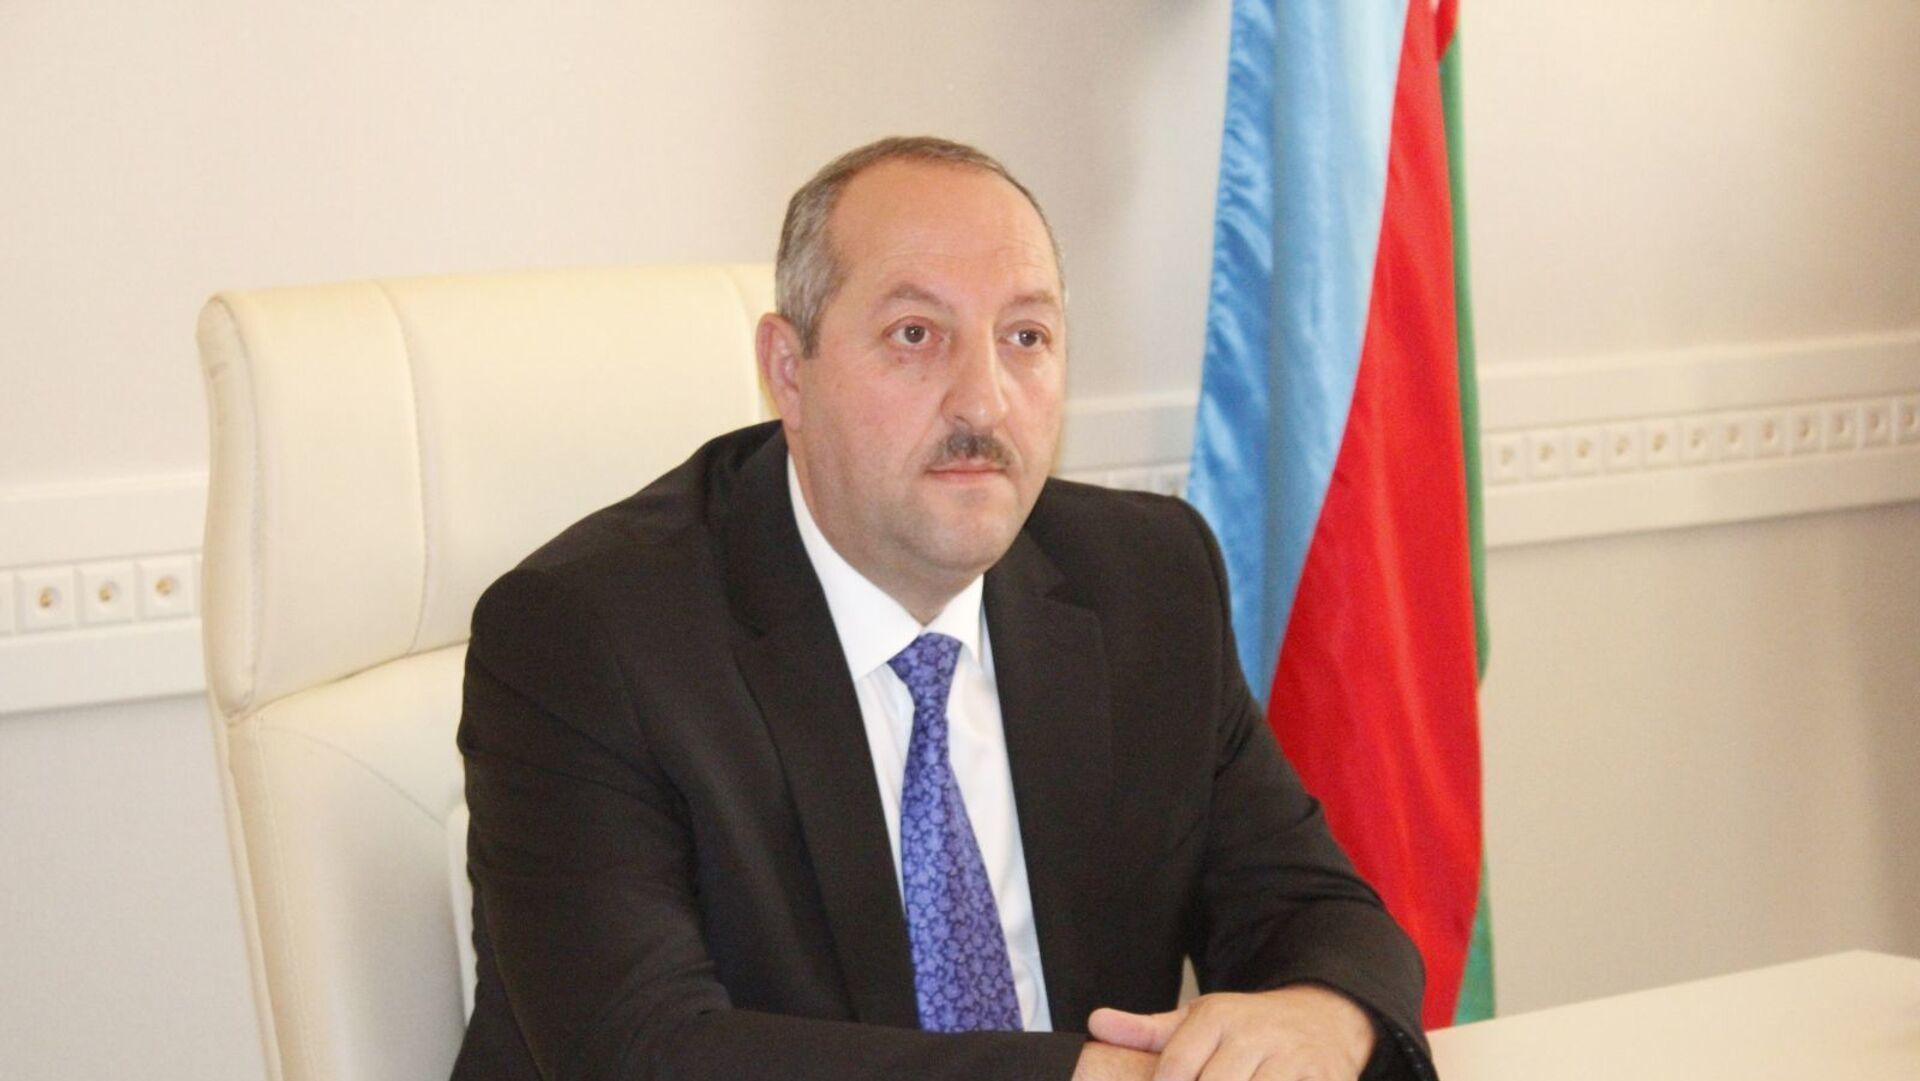 Cəlilabad rayon İcra Hakimiyyətinin sabiq başçısı Namiq Zeynalov - Sputnik Azərbaycan, 1920, 12.10.2021